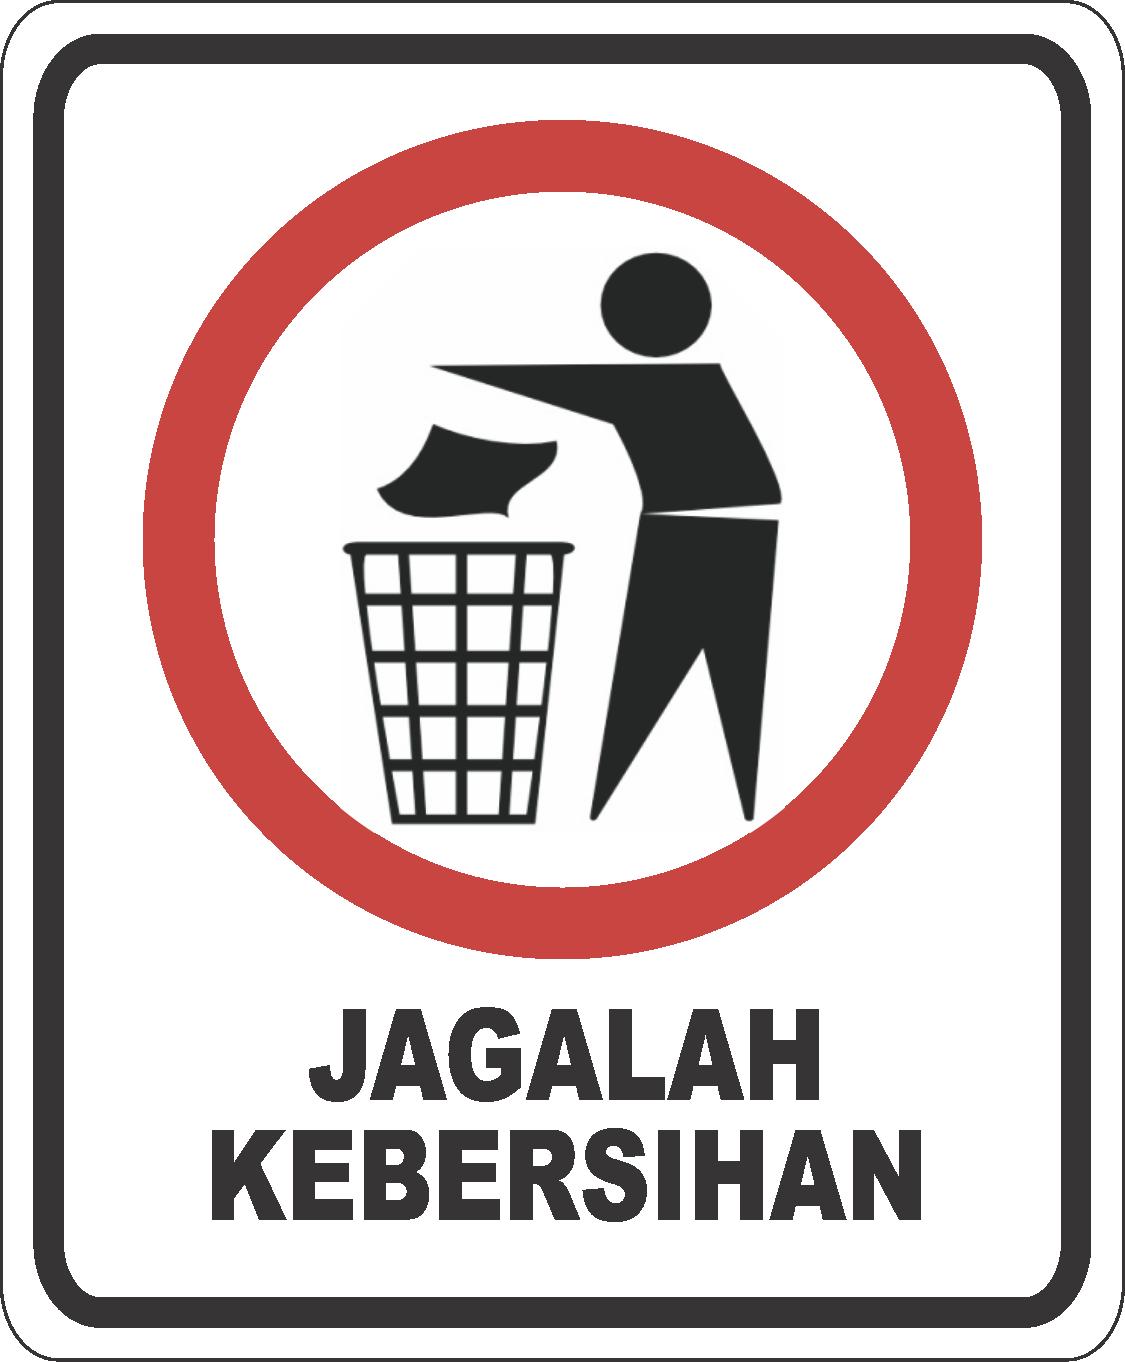 Poster Jagalah Kebersihan : poster, jagalah, kebersihan, Kebersihan, Ephriam, Nolan, Dinding, Kata,, Poster,, Papan